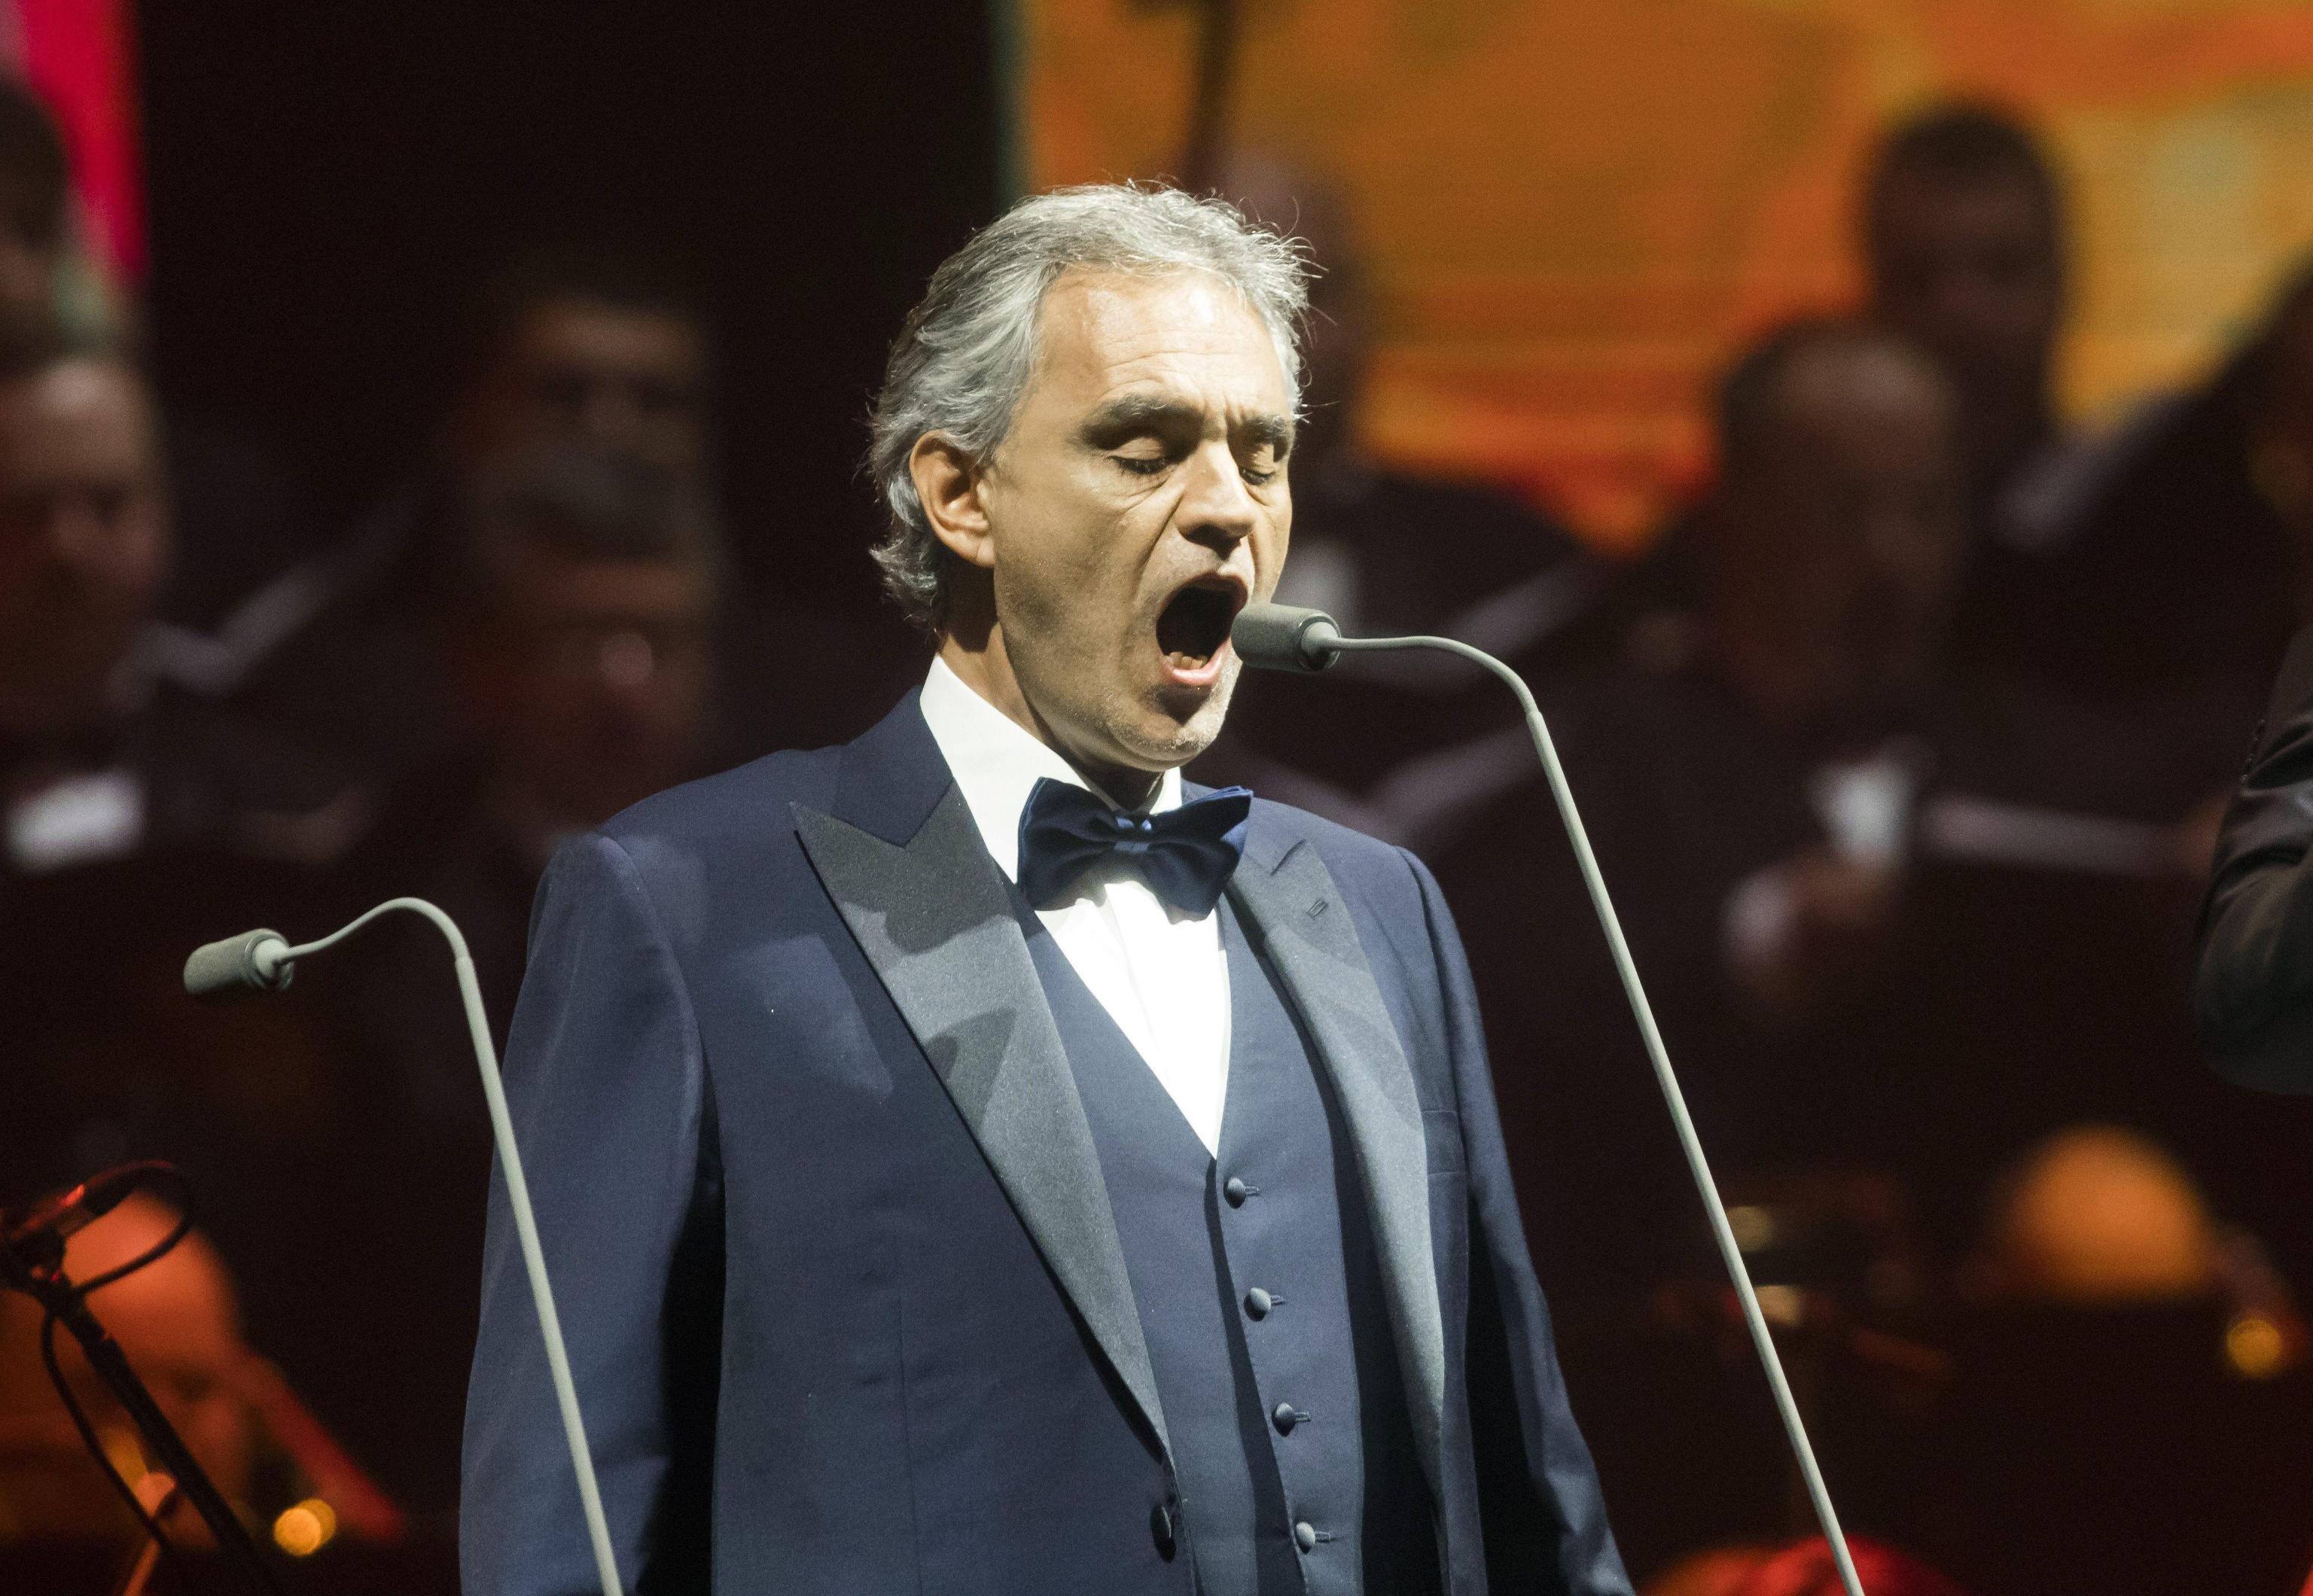 Bocelli,a Puccini lega rapporto speciale